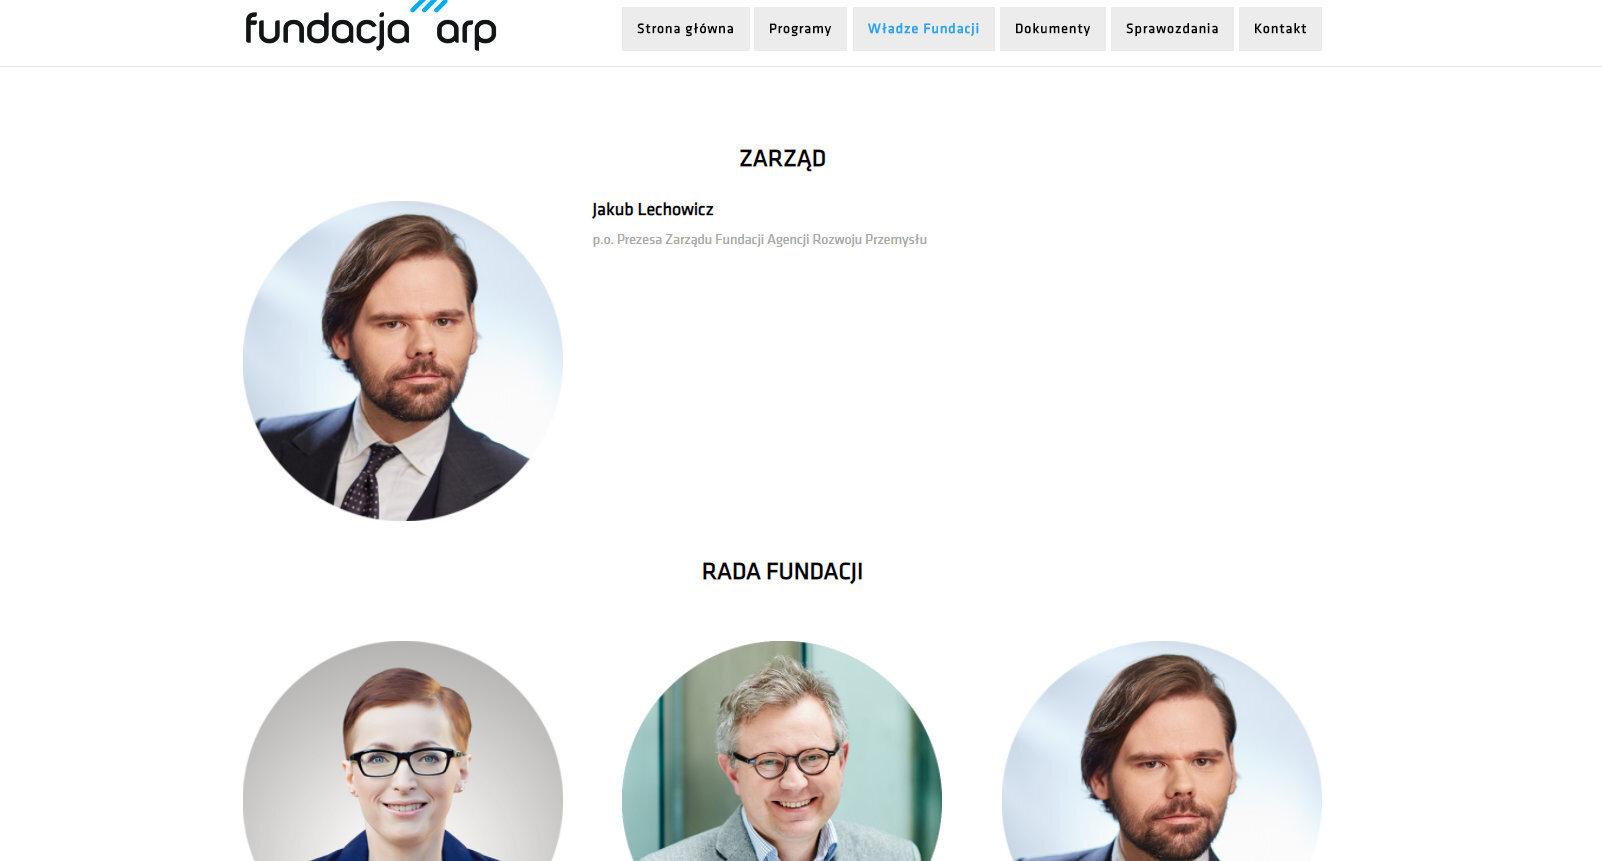 Kamila Andruszkiewicz zrezygnowała z funkcji prezesa Fundacji ARP